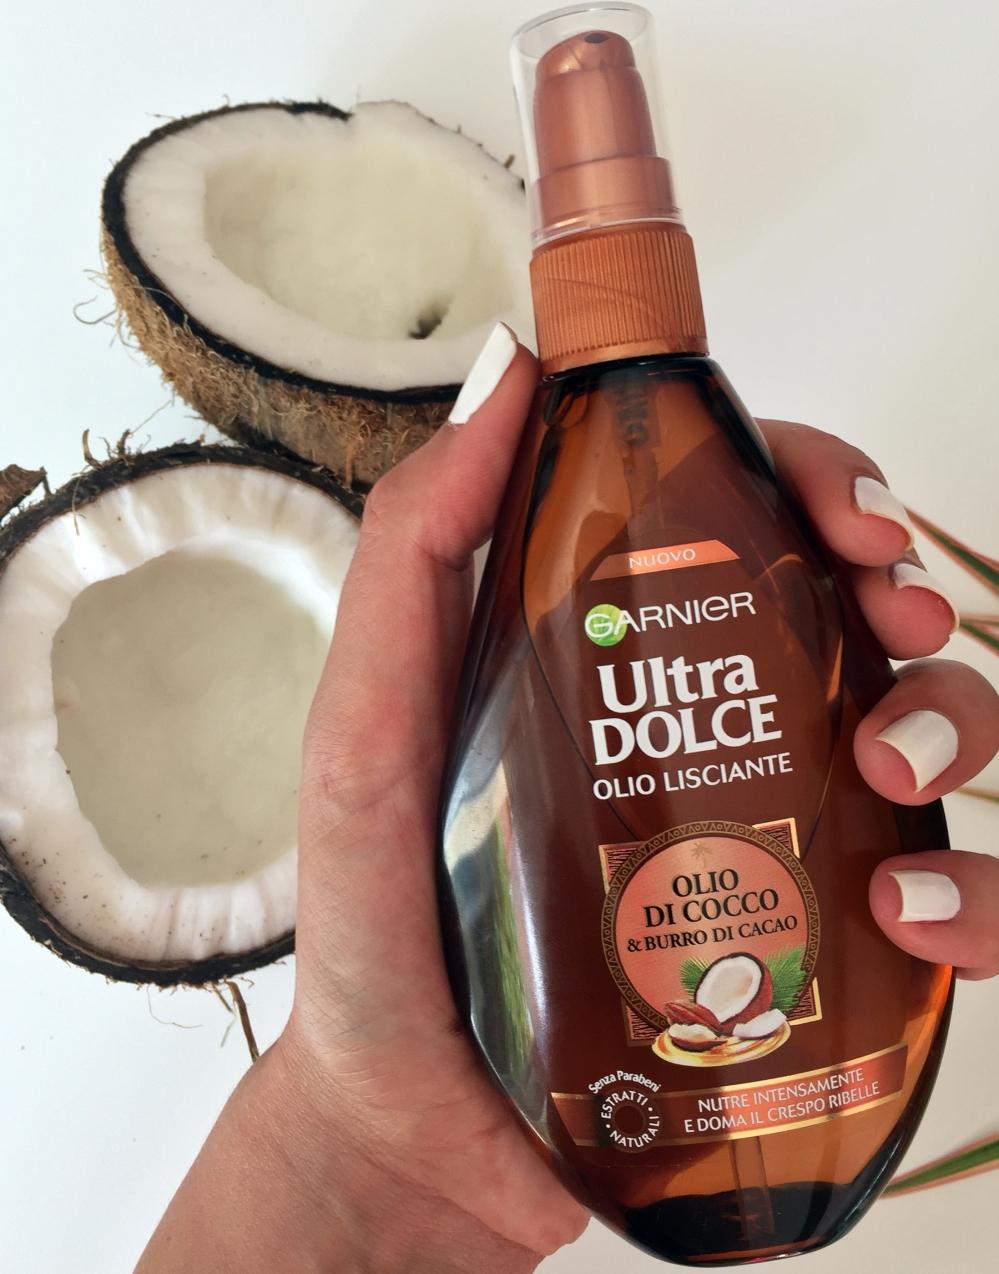 garnier olio lisciante al cocco.JPG